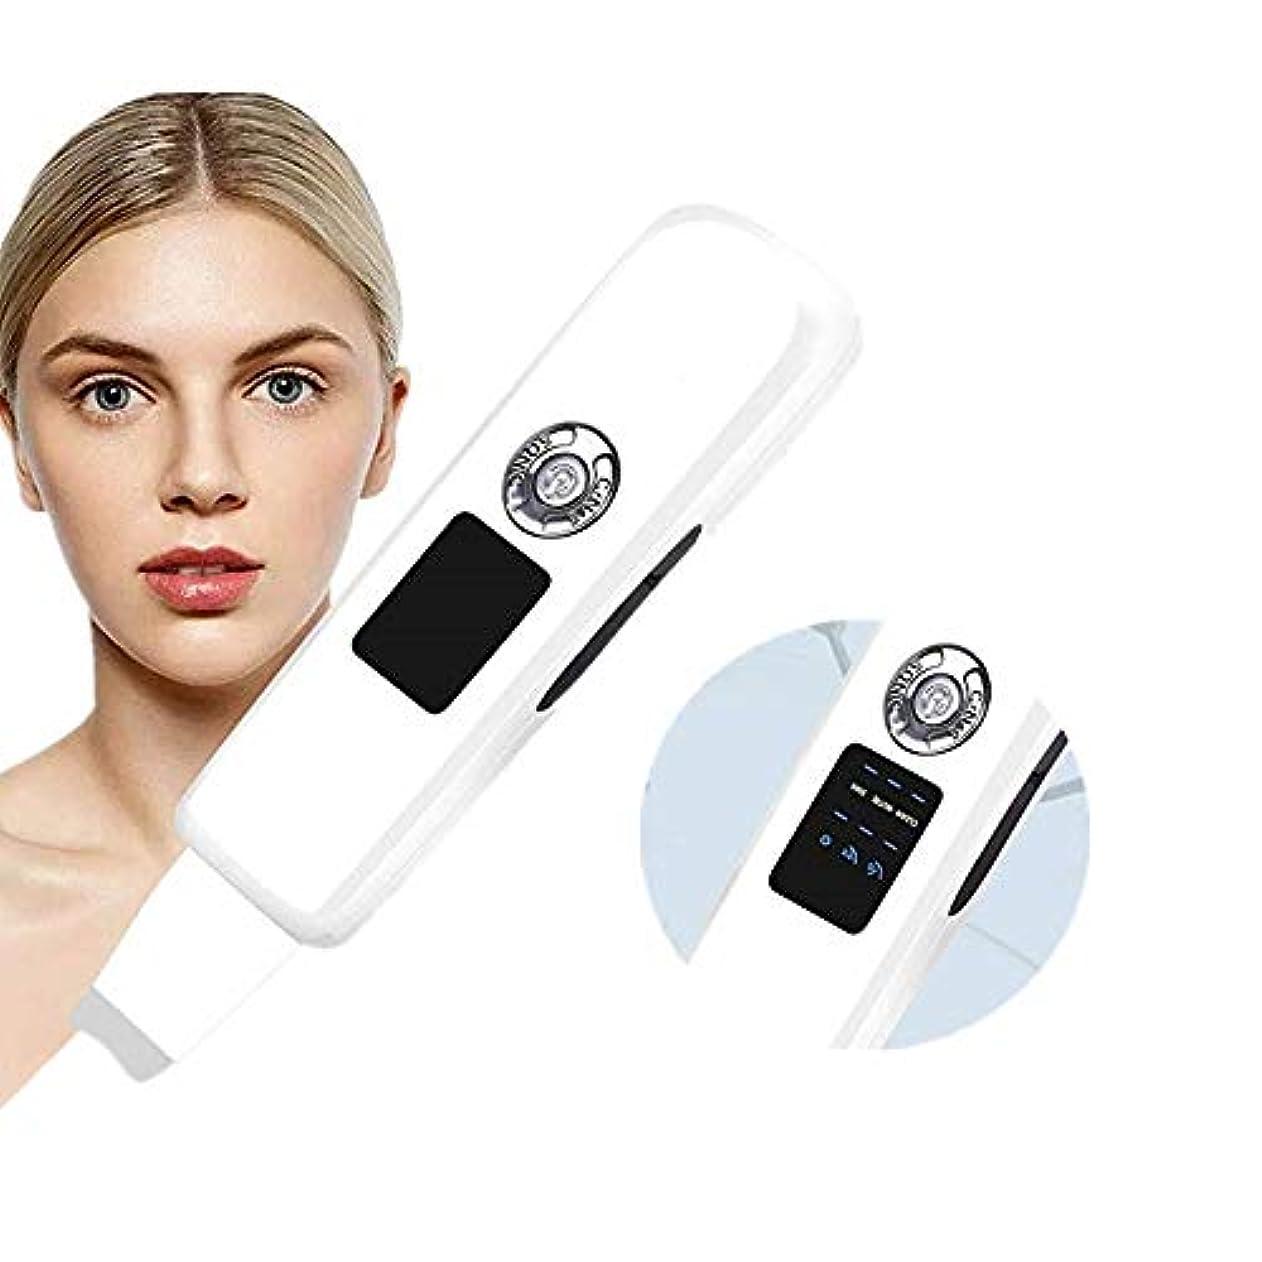 熟す電池苦顔の皮膚スクラバー、ジェントルは男性女性ネックホワイトニングTighting若返りのためのリフティング&ファーミングツール、ブラックヘッドコメド毛穴クリーナー死んだ皮膚角質層の抽出を削除します